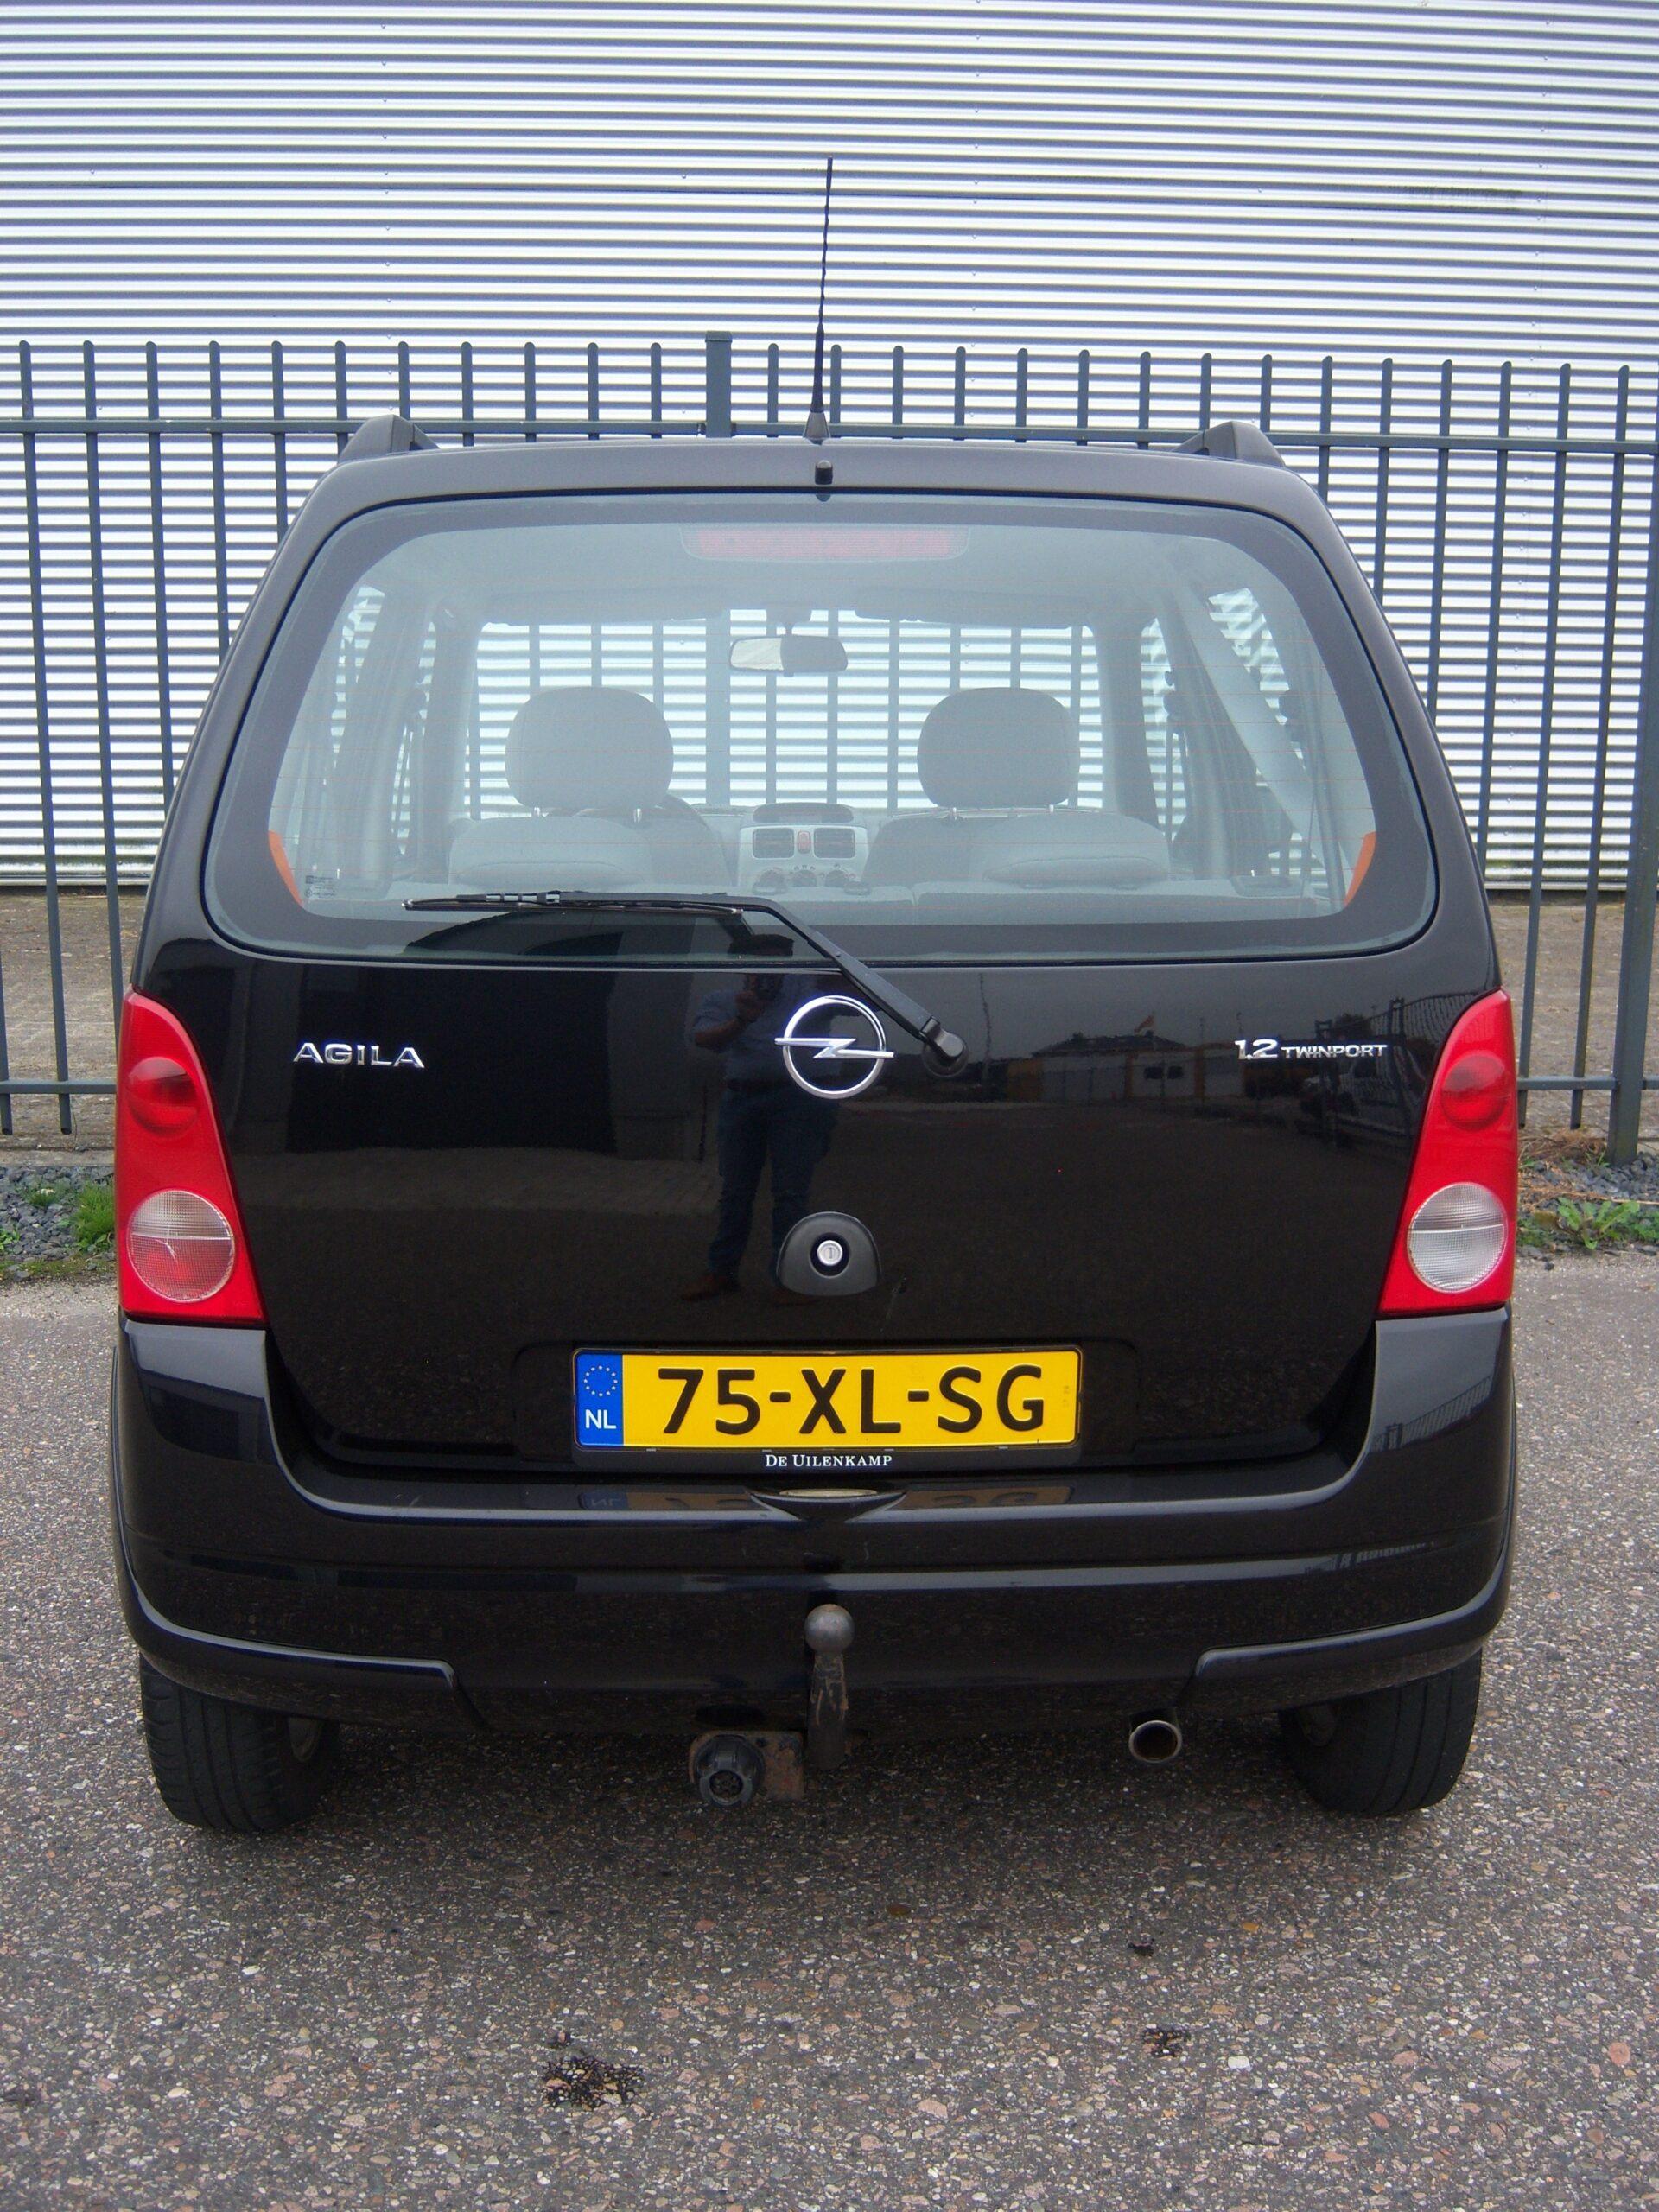 Opel Agila 1.2 16V Temptation/ 124dkm/ Airco/ El. Ramen/ Leder stuur